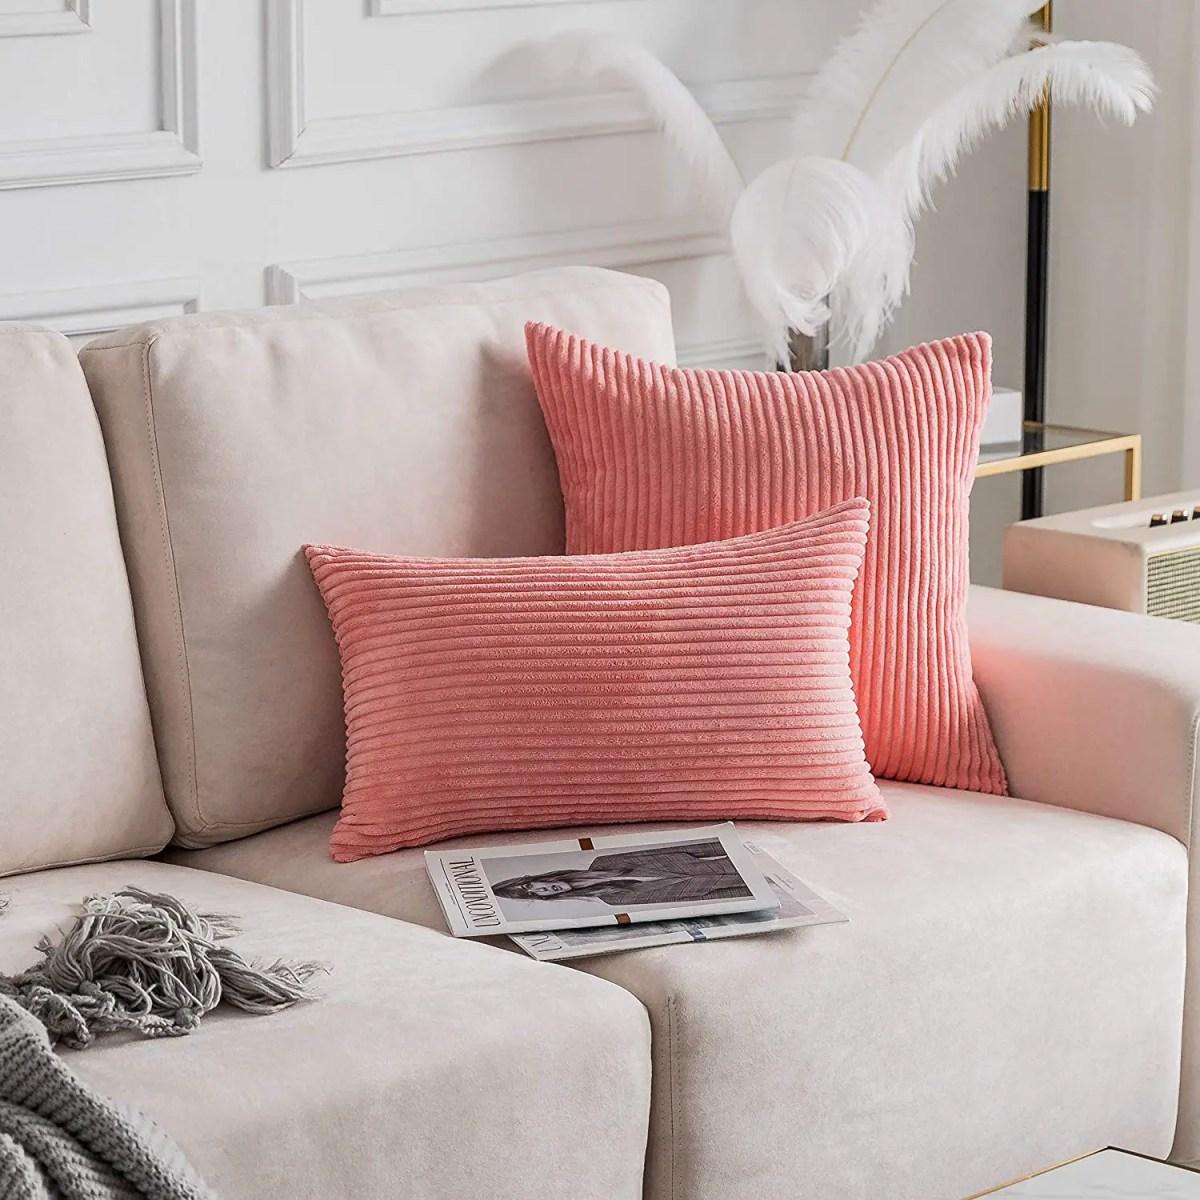 Striped-Velvet-Corduroy-Pillowcases